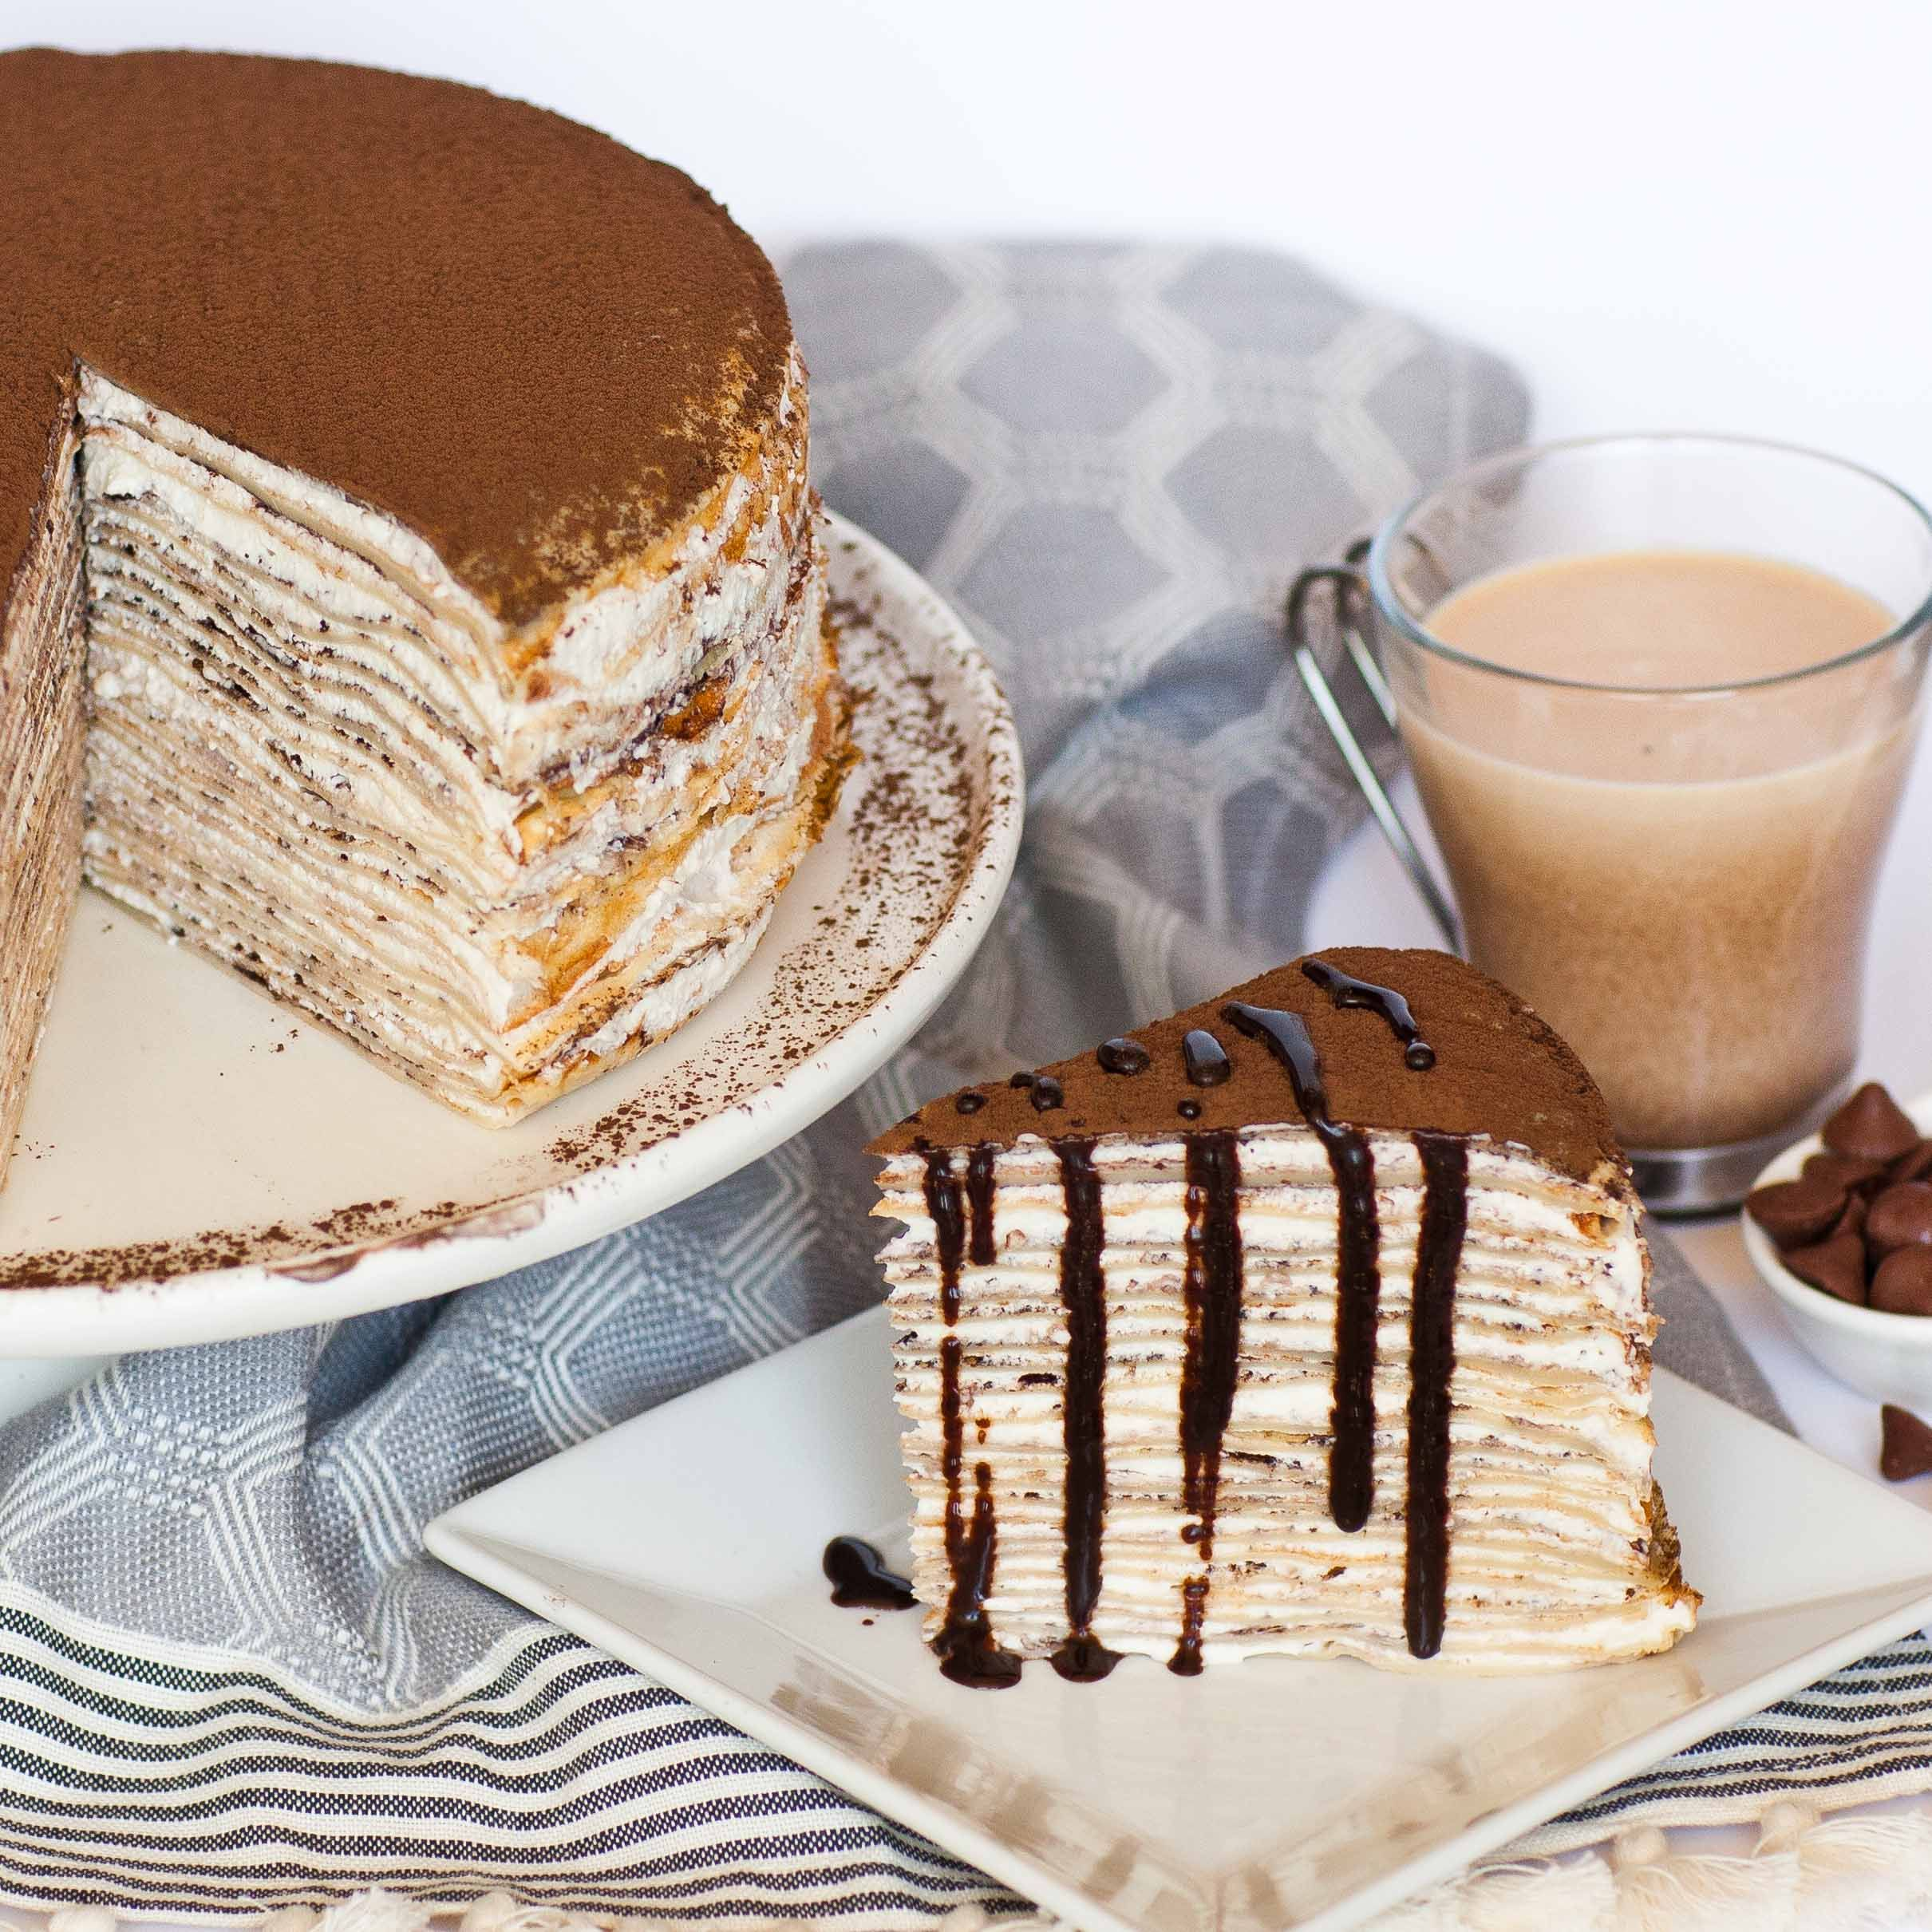 Tatyana S Everyday Food Coffee Cake